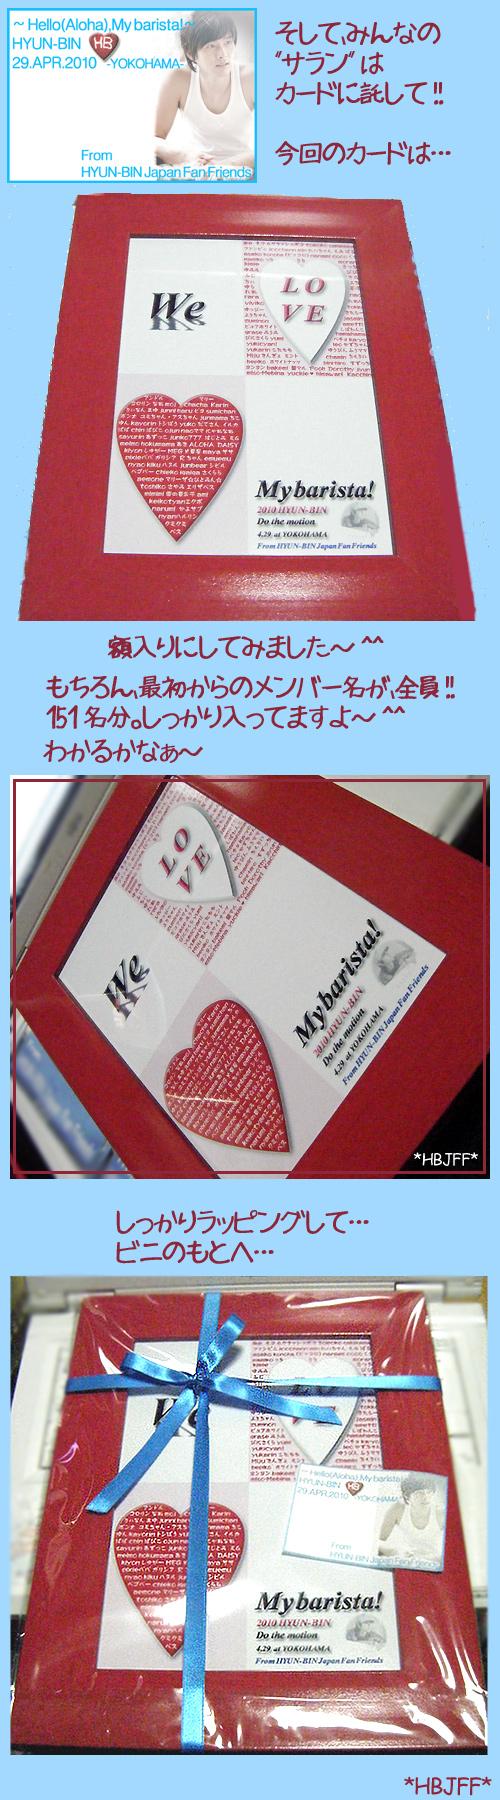 20100429カード紹介